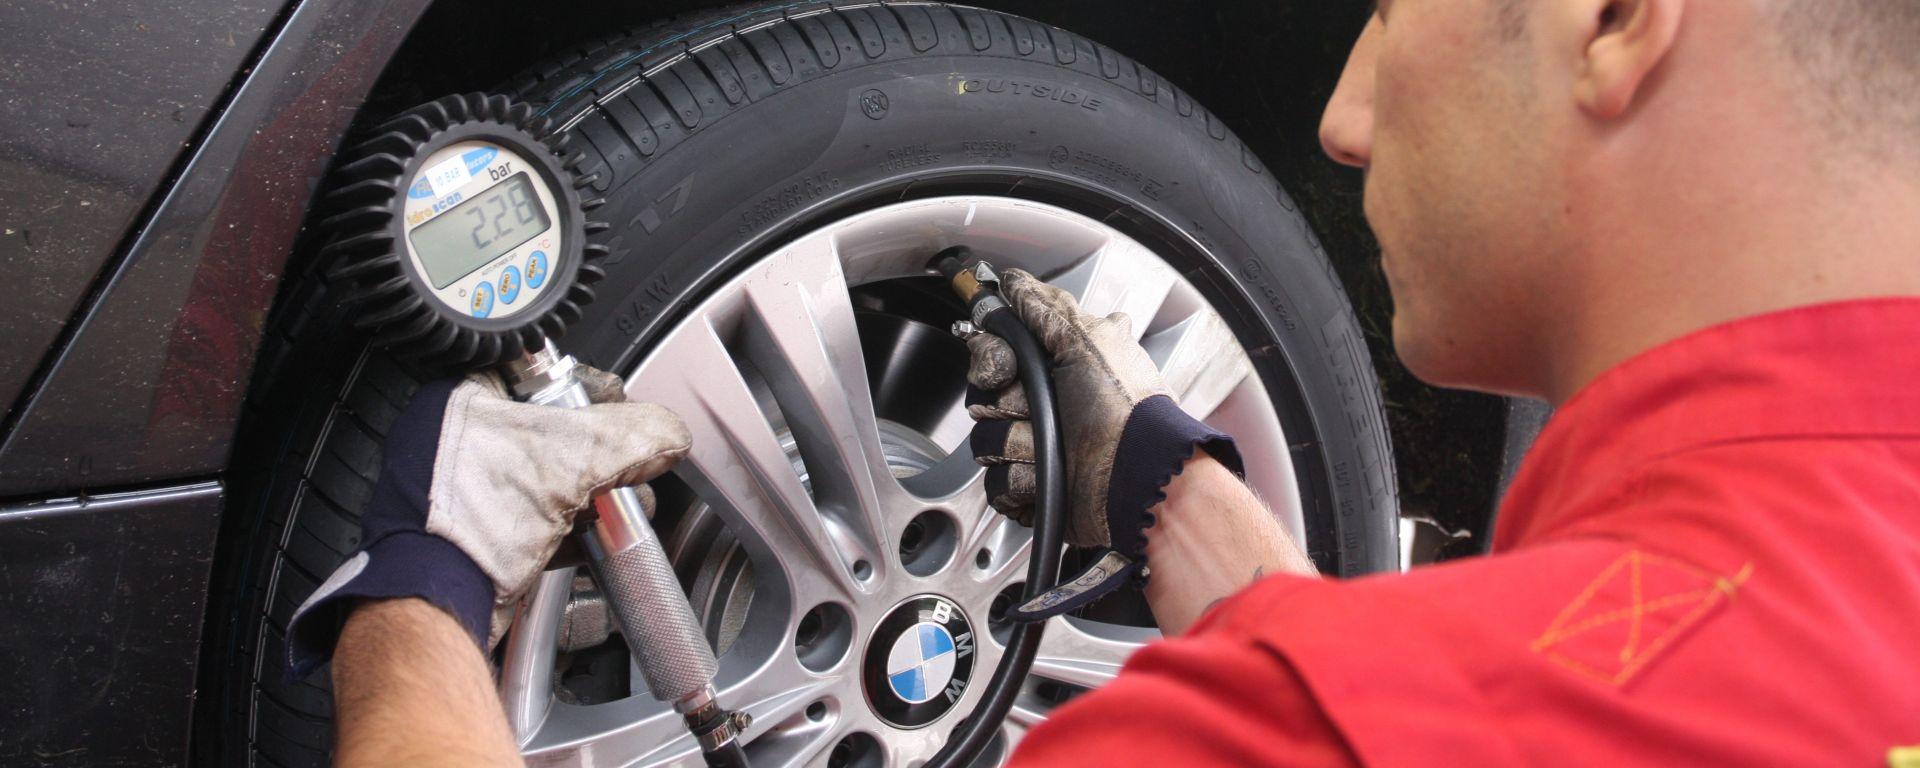 Come fare per una corretta rotazione degli pneumatici